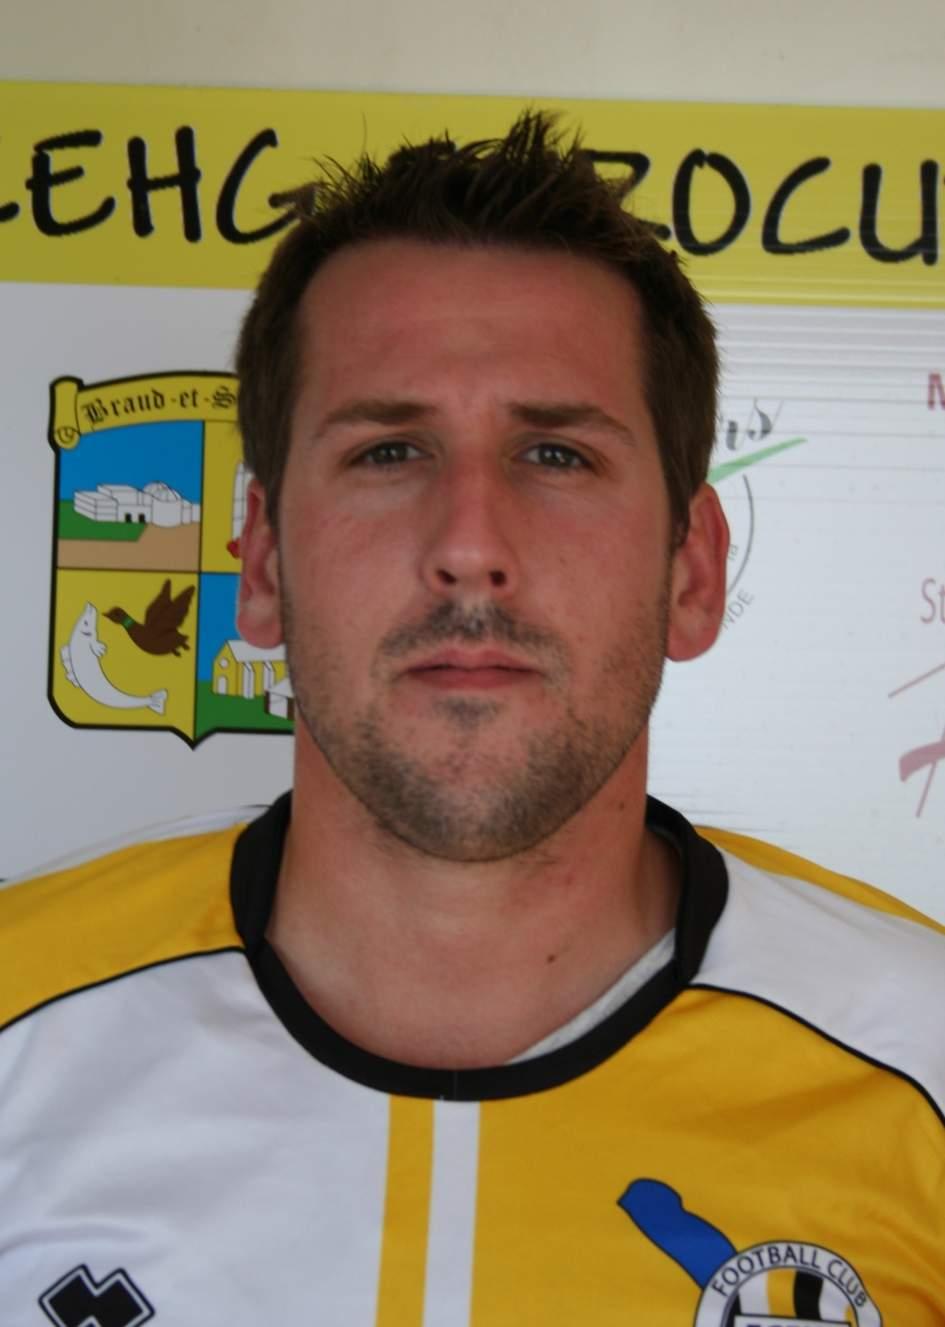 Joueur - <b>Maxime MAGNIEZ</b> - club Football Football Club Estuaire Haute Gironde <b>...</b> - maxime-magniez2__nrc0gd